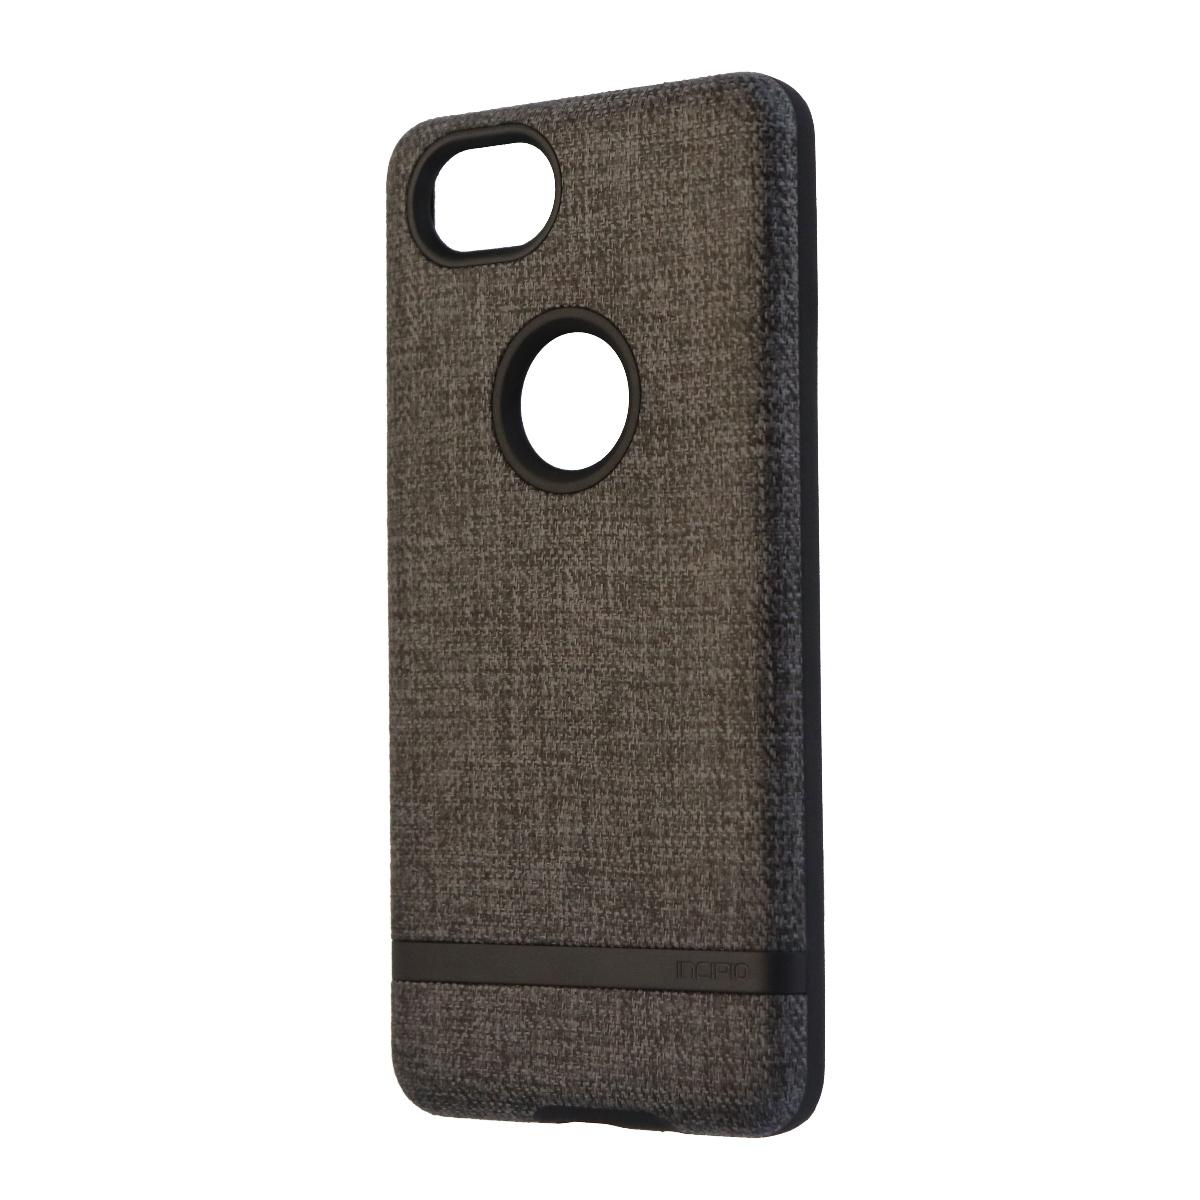 Incipio Esquire Series Hard Fabric Case for Google Pixel 2 - Dark Gray/Black